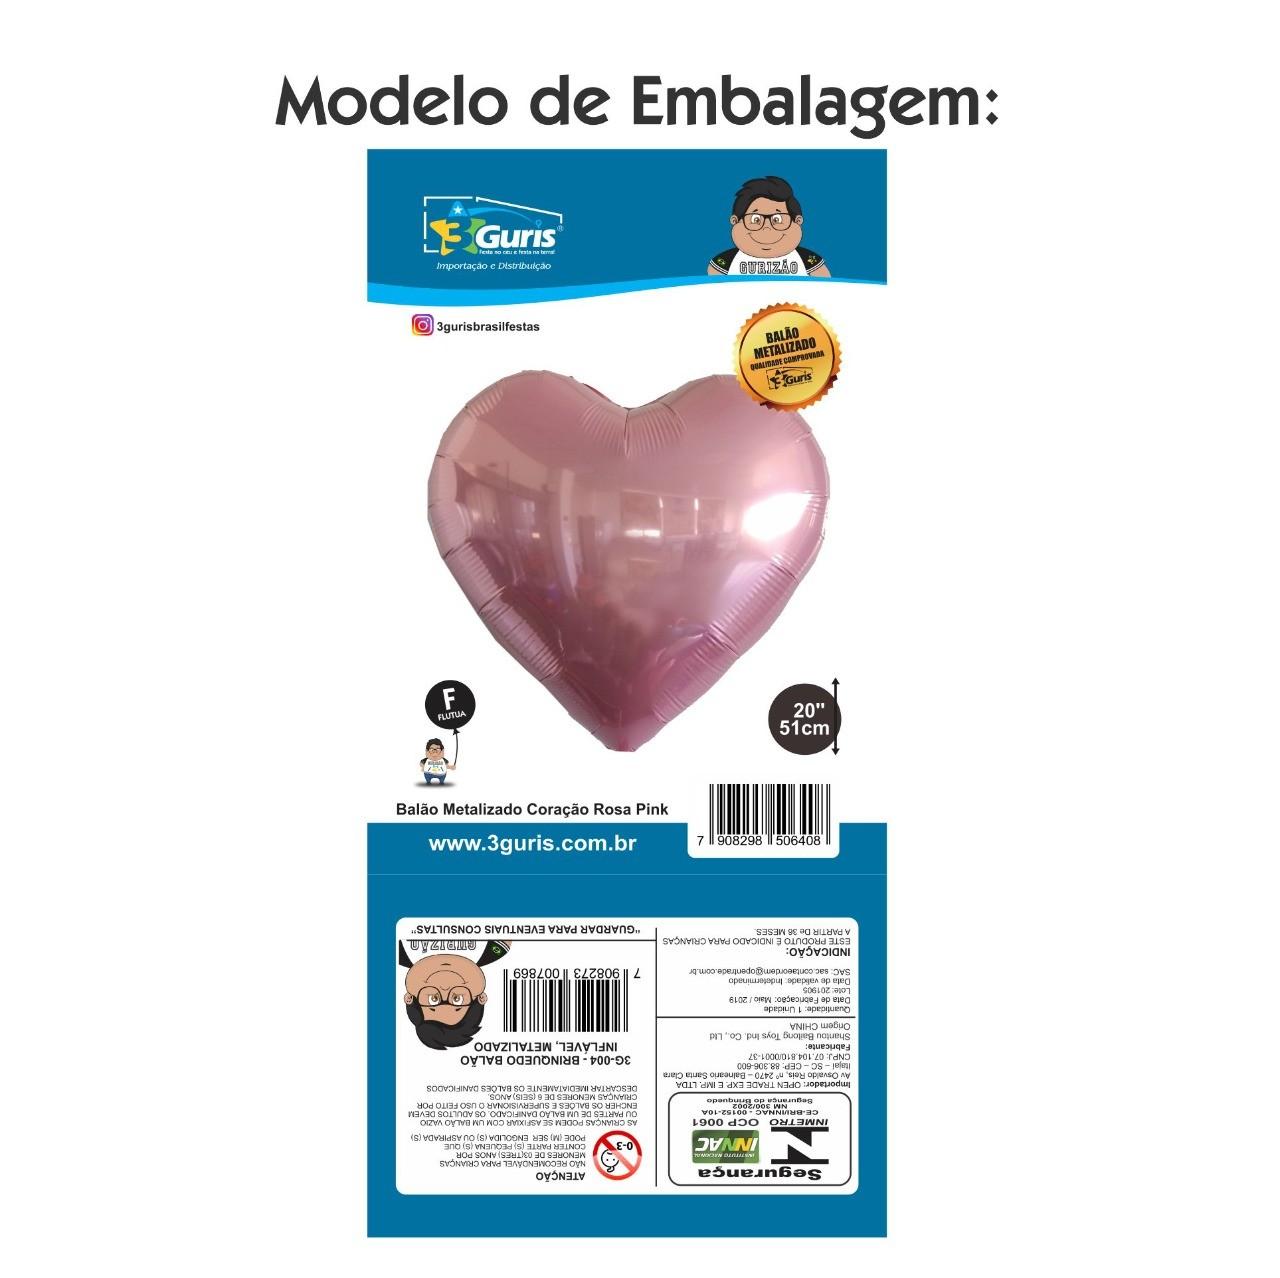 BALÃO METALIZADO CORAÇÃO ROSA PINK 51CM